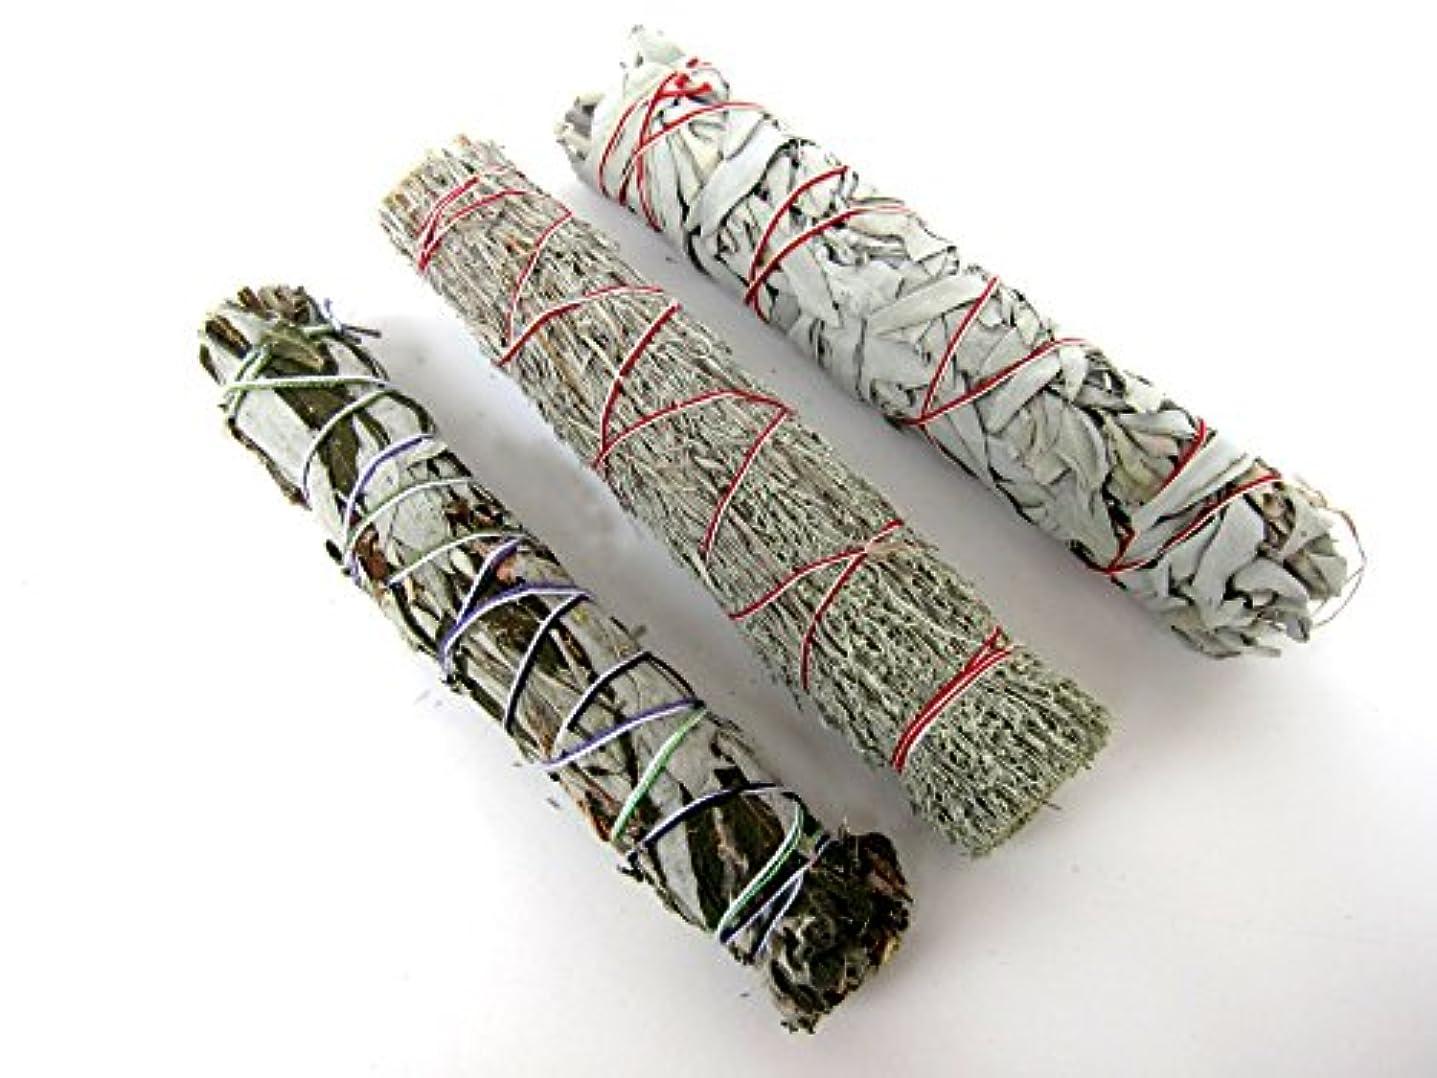 豊富眠いですオリエンタルセージSmudge Sticks Bundle of 3 SticksサンプラーセットLarge 8 – 9インチ